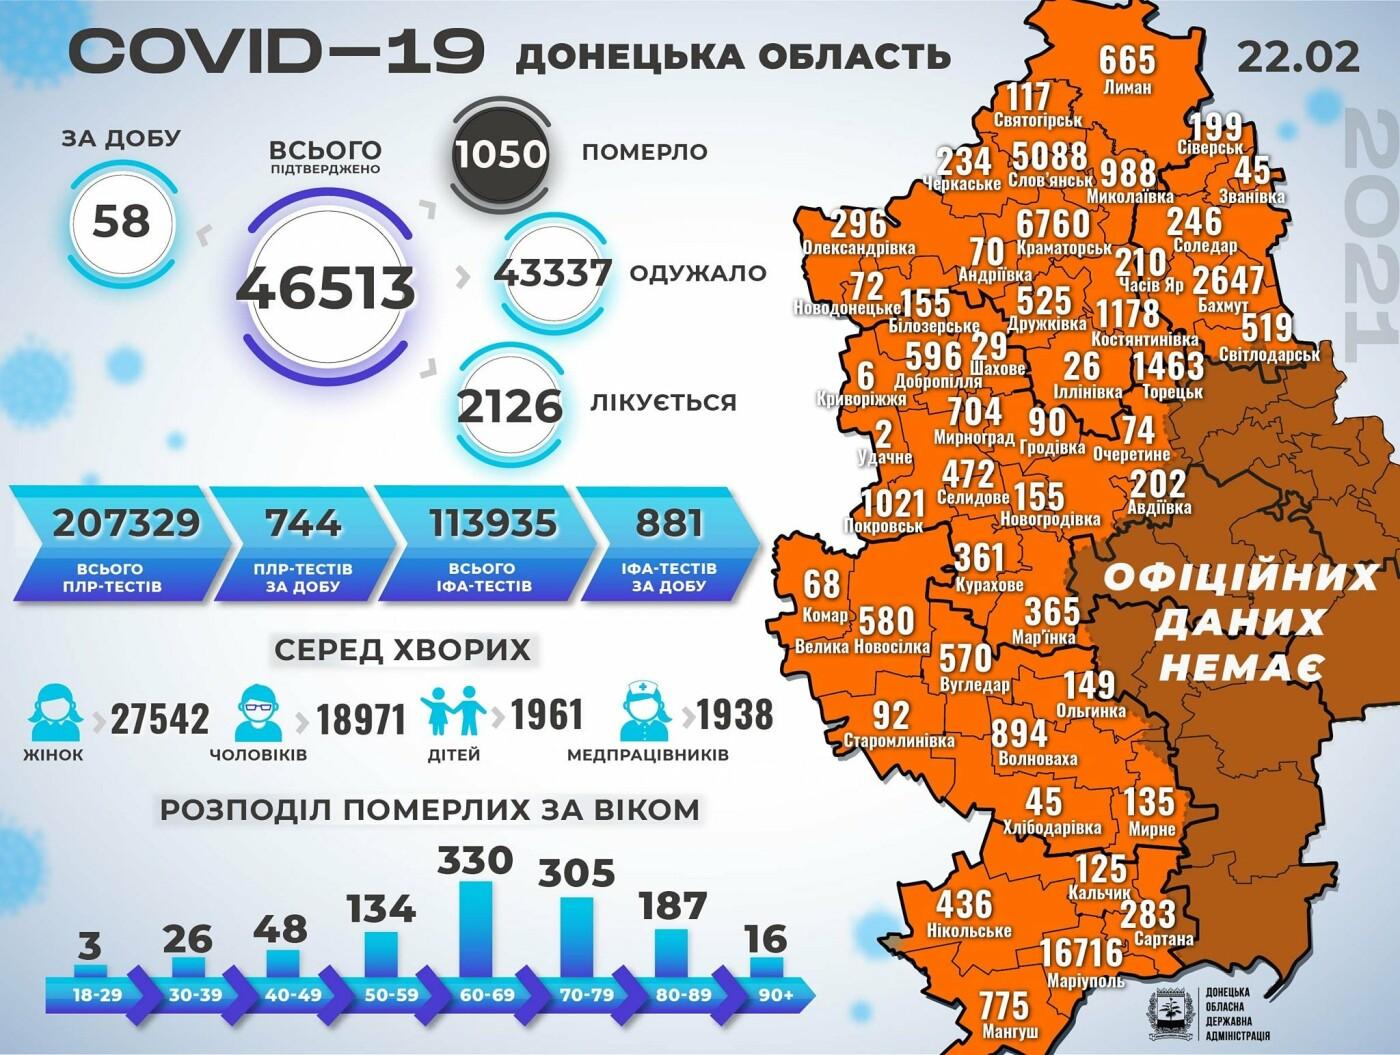 В Донецкой области 58 новых случаев коронавируса, болезнь унесла жизни еще 14 человек, фото-1